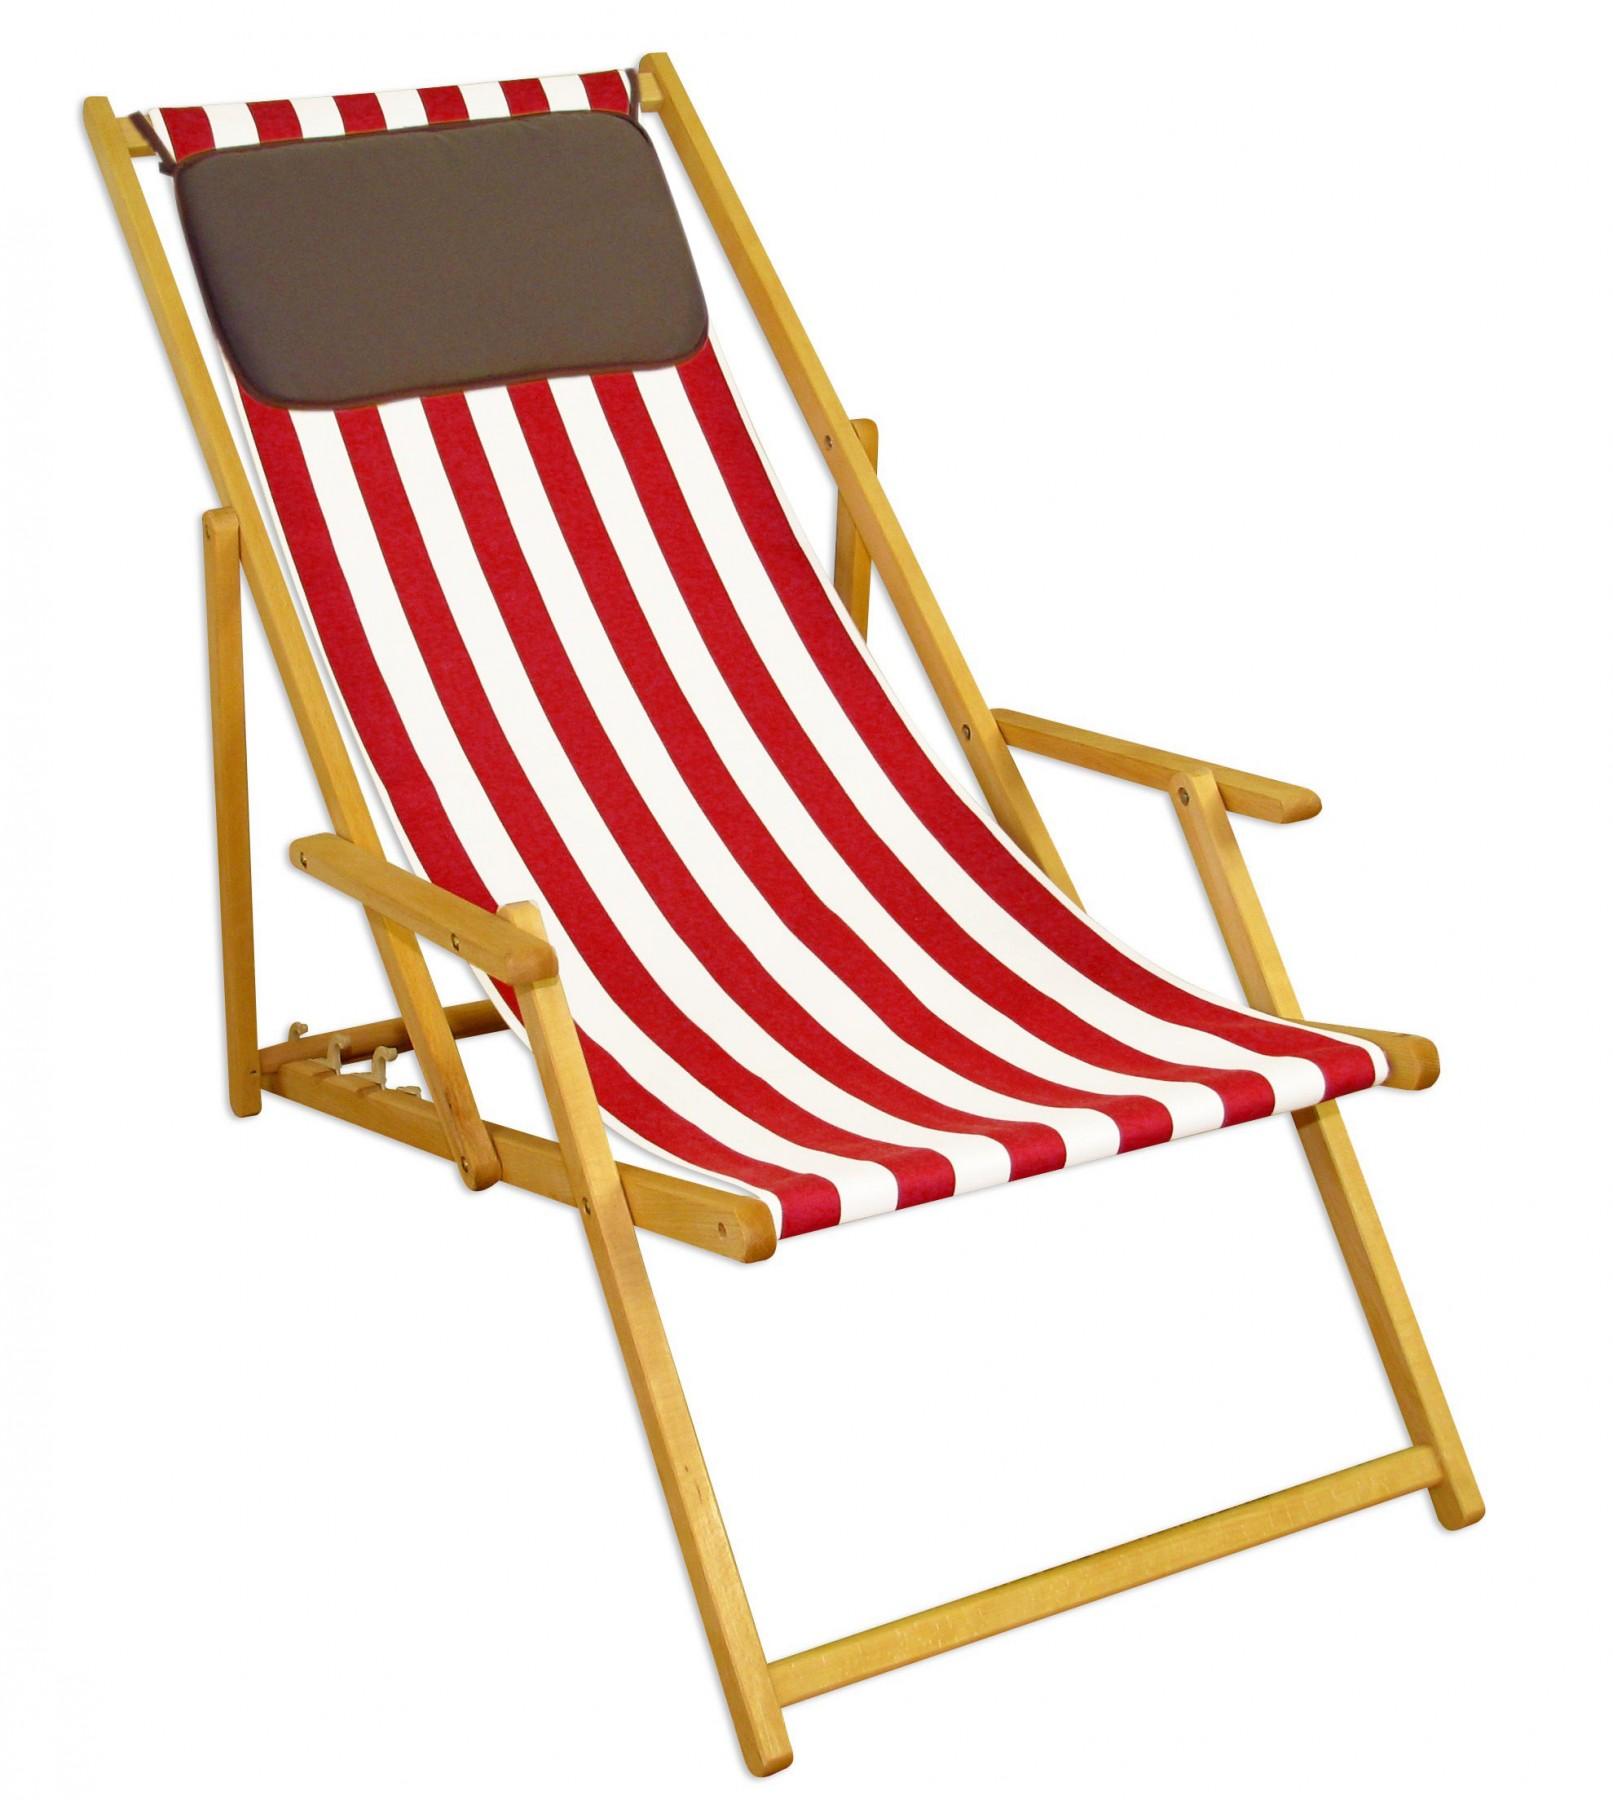 Full Size of Liegestuhl Wetterfest Rot Wei Strandliege Gartenliege Sonnenliege Deckchair Garten Wohnzimmer Liegestuhl Wetterfest